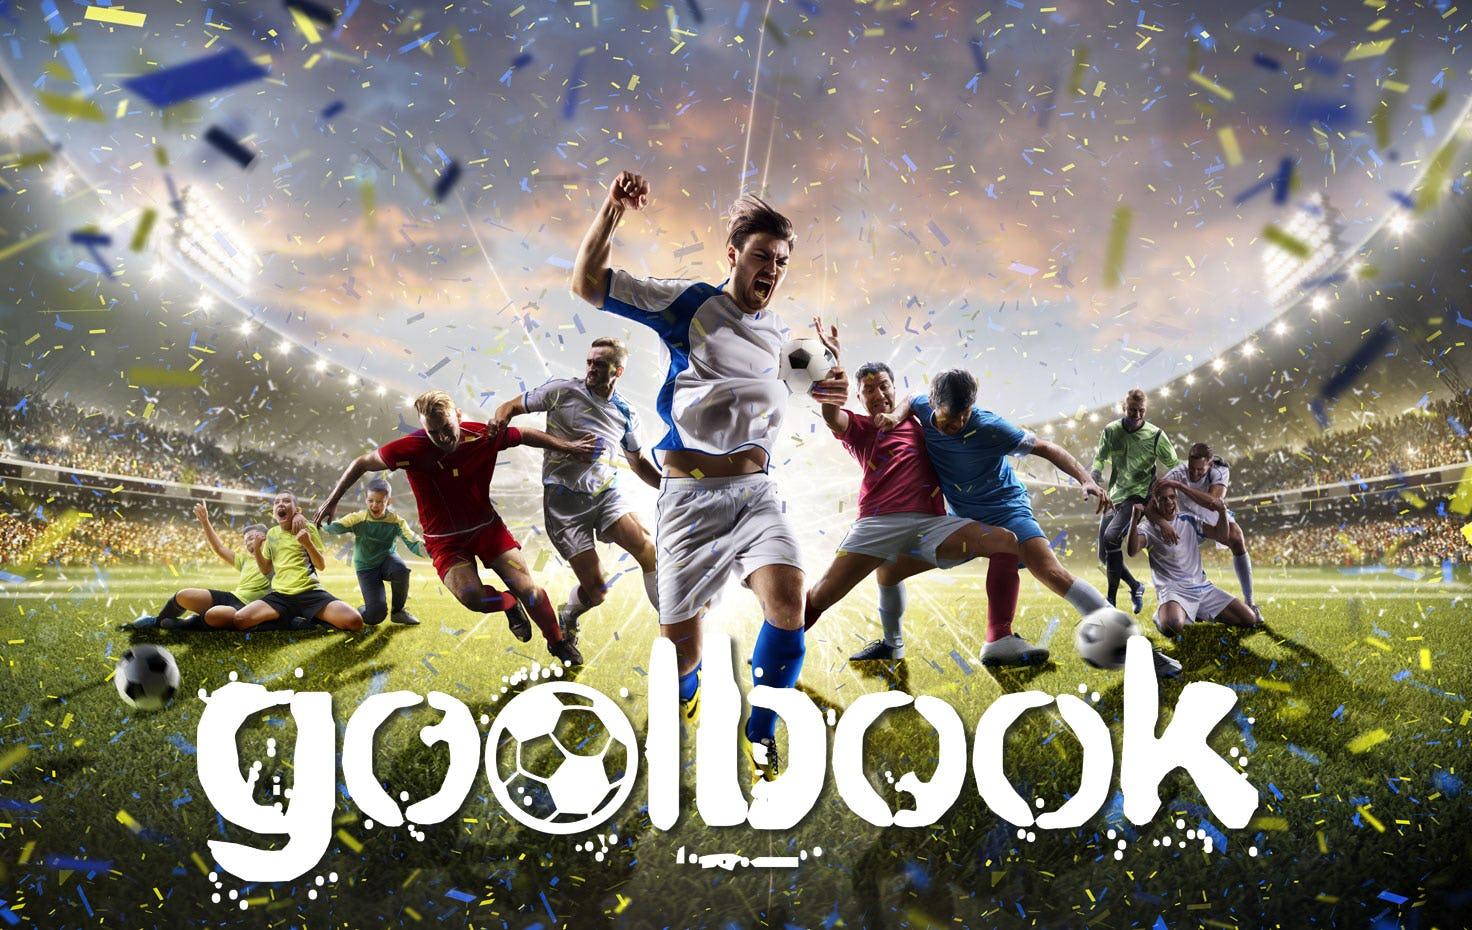 Goolbook - Entra nella community di chi gioca a calcio - in crowdfunding su Eppela